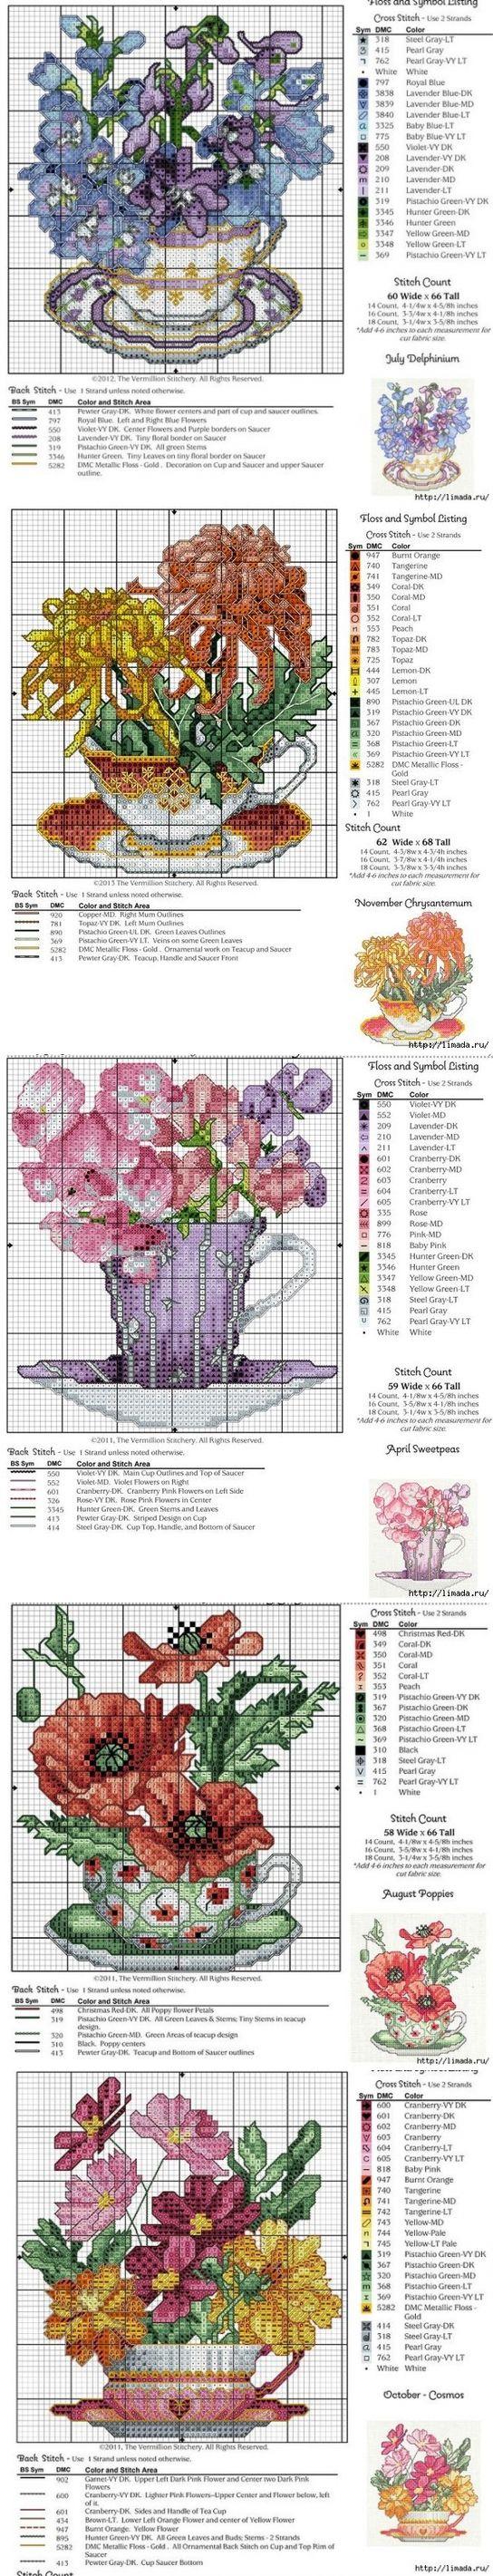 Цветы в чашках - схемы для вышивки крестиком